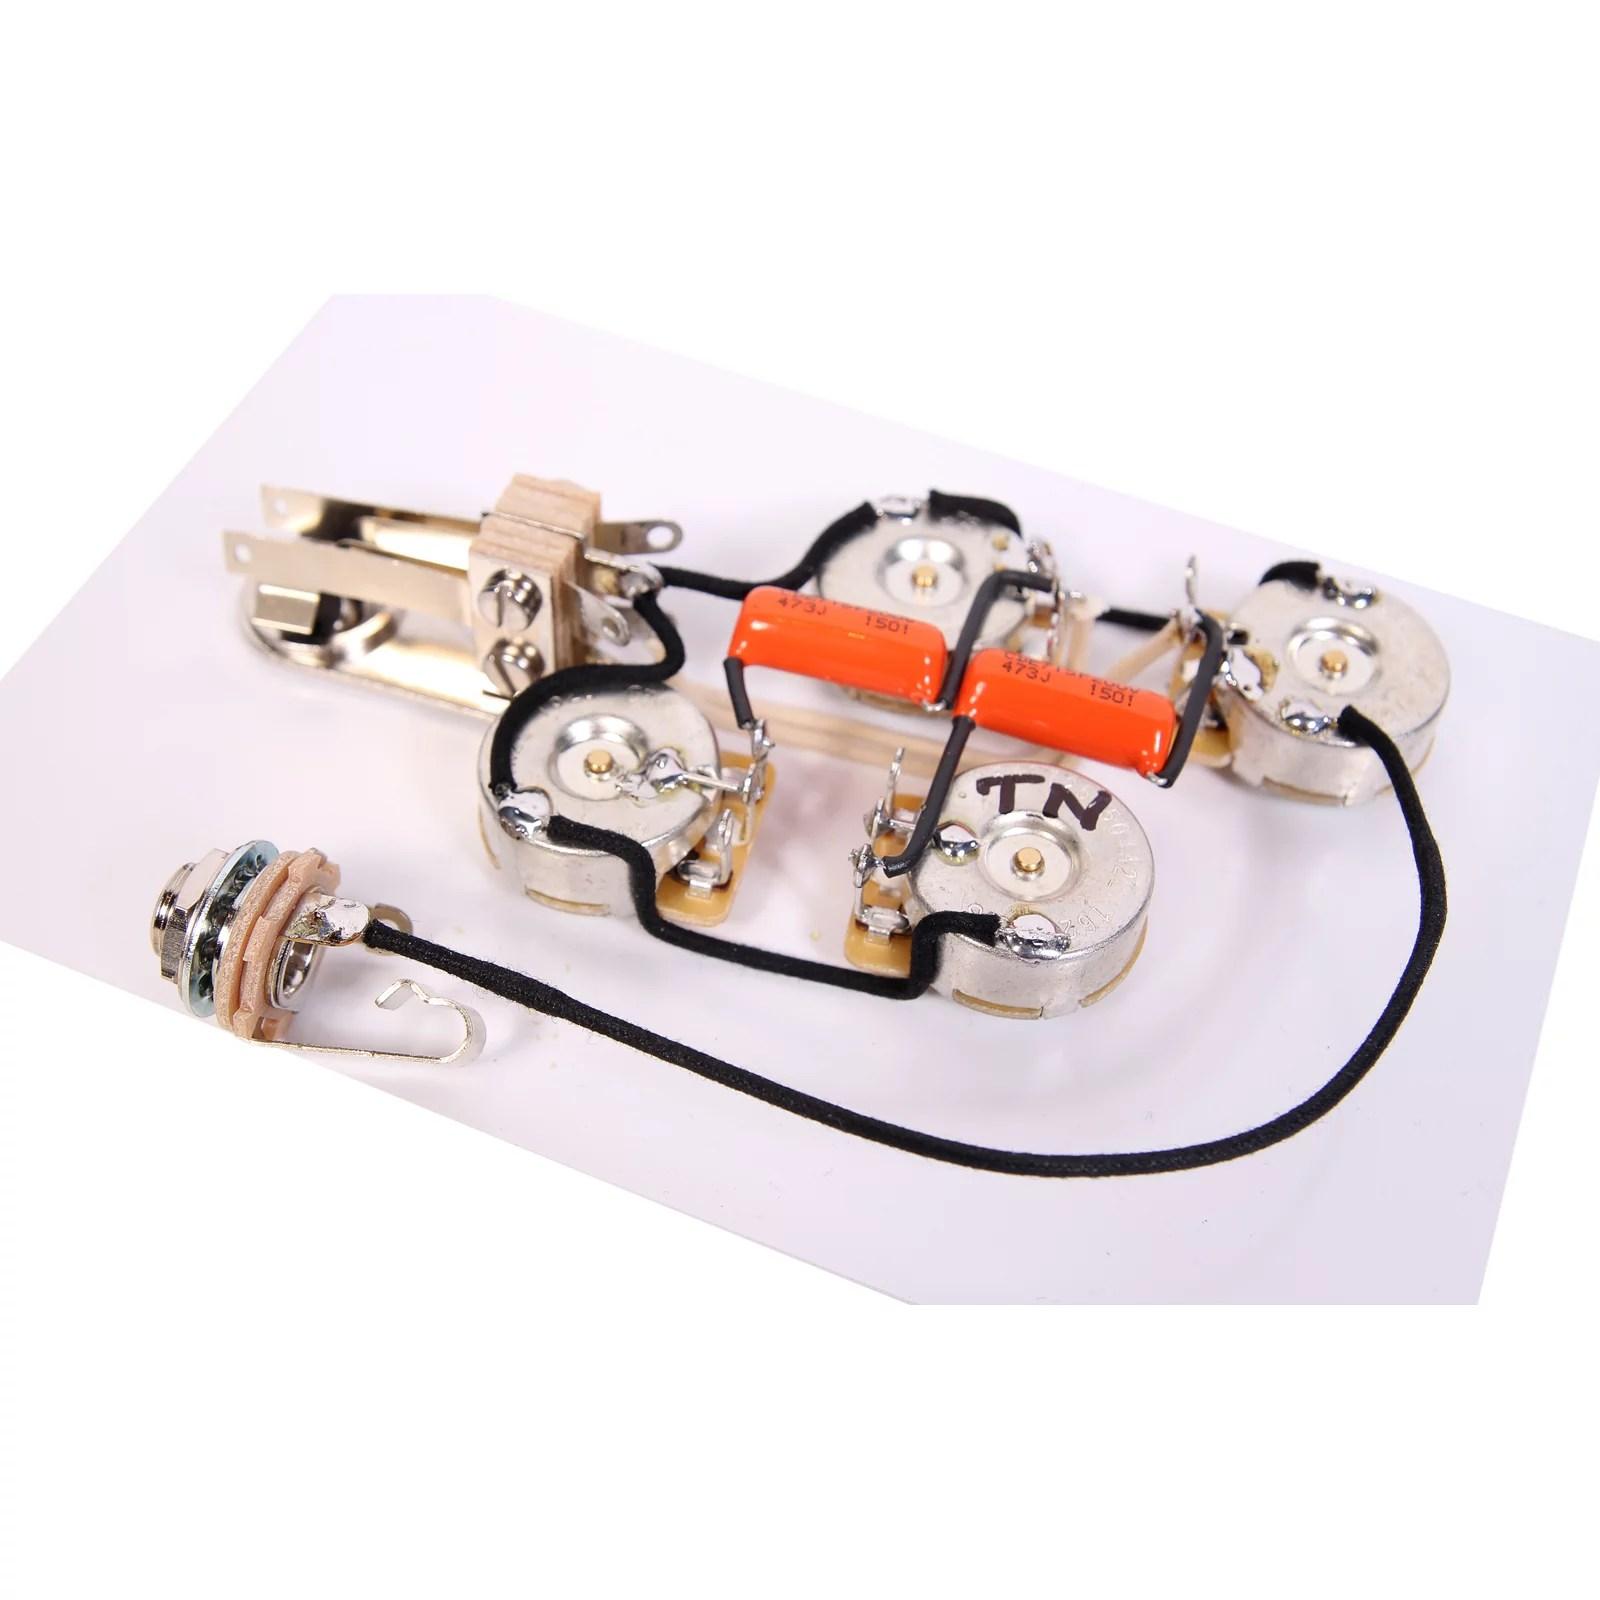 hight resolution of 920d custom shop wiring harness for rickenbacker 4000 series bass guitar walmart com